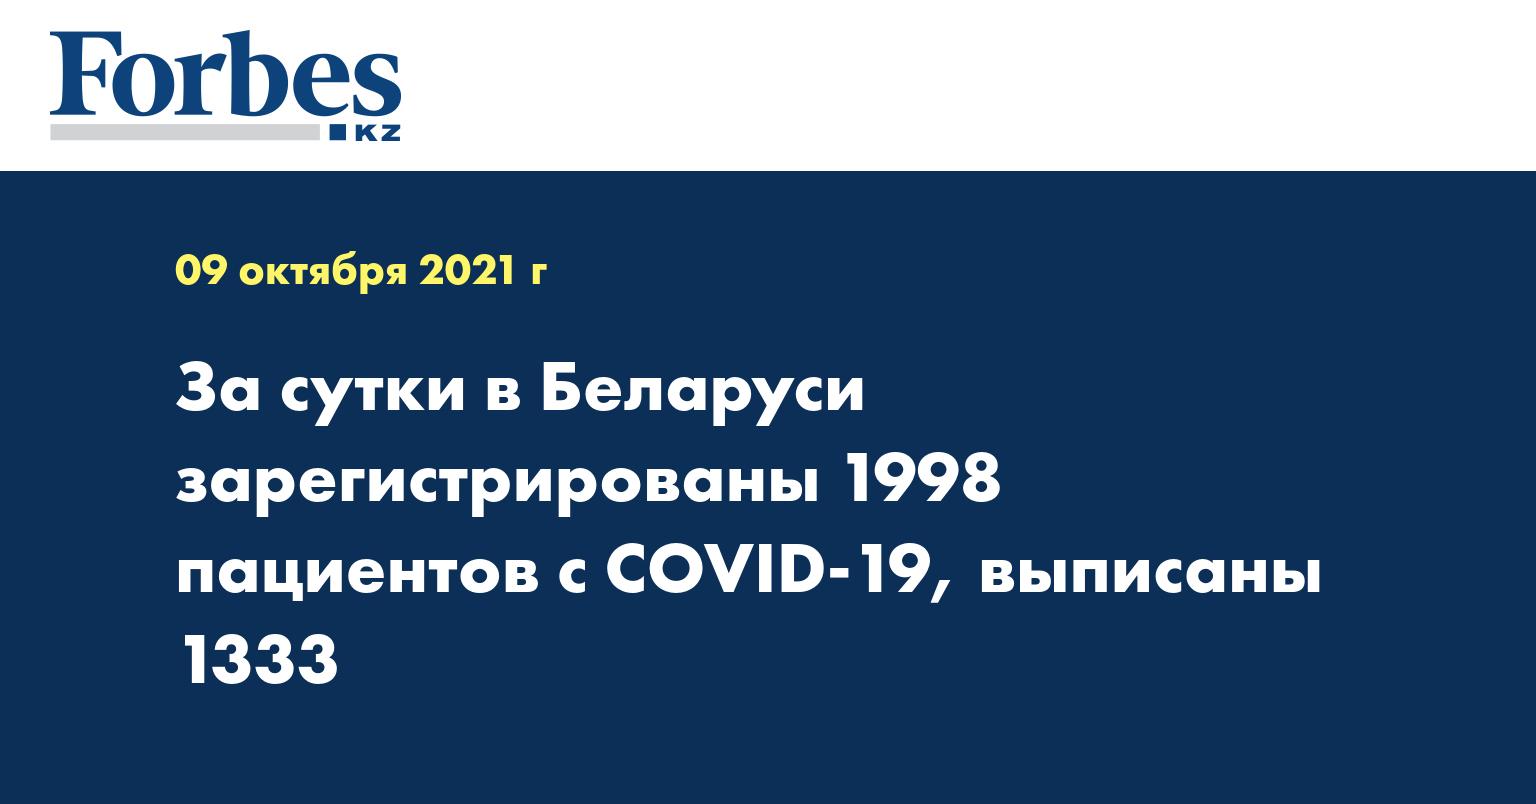 За сутки в Беларуси зарегистрированы 1998 пациентов с COVID-19, выписаны 1333